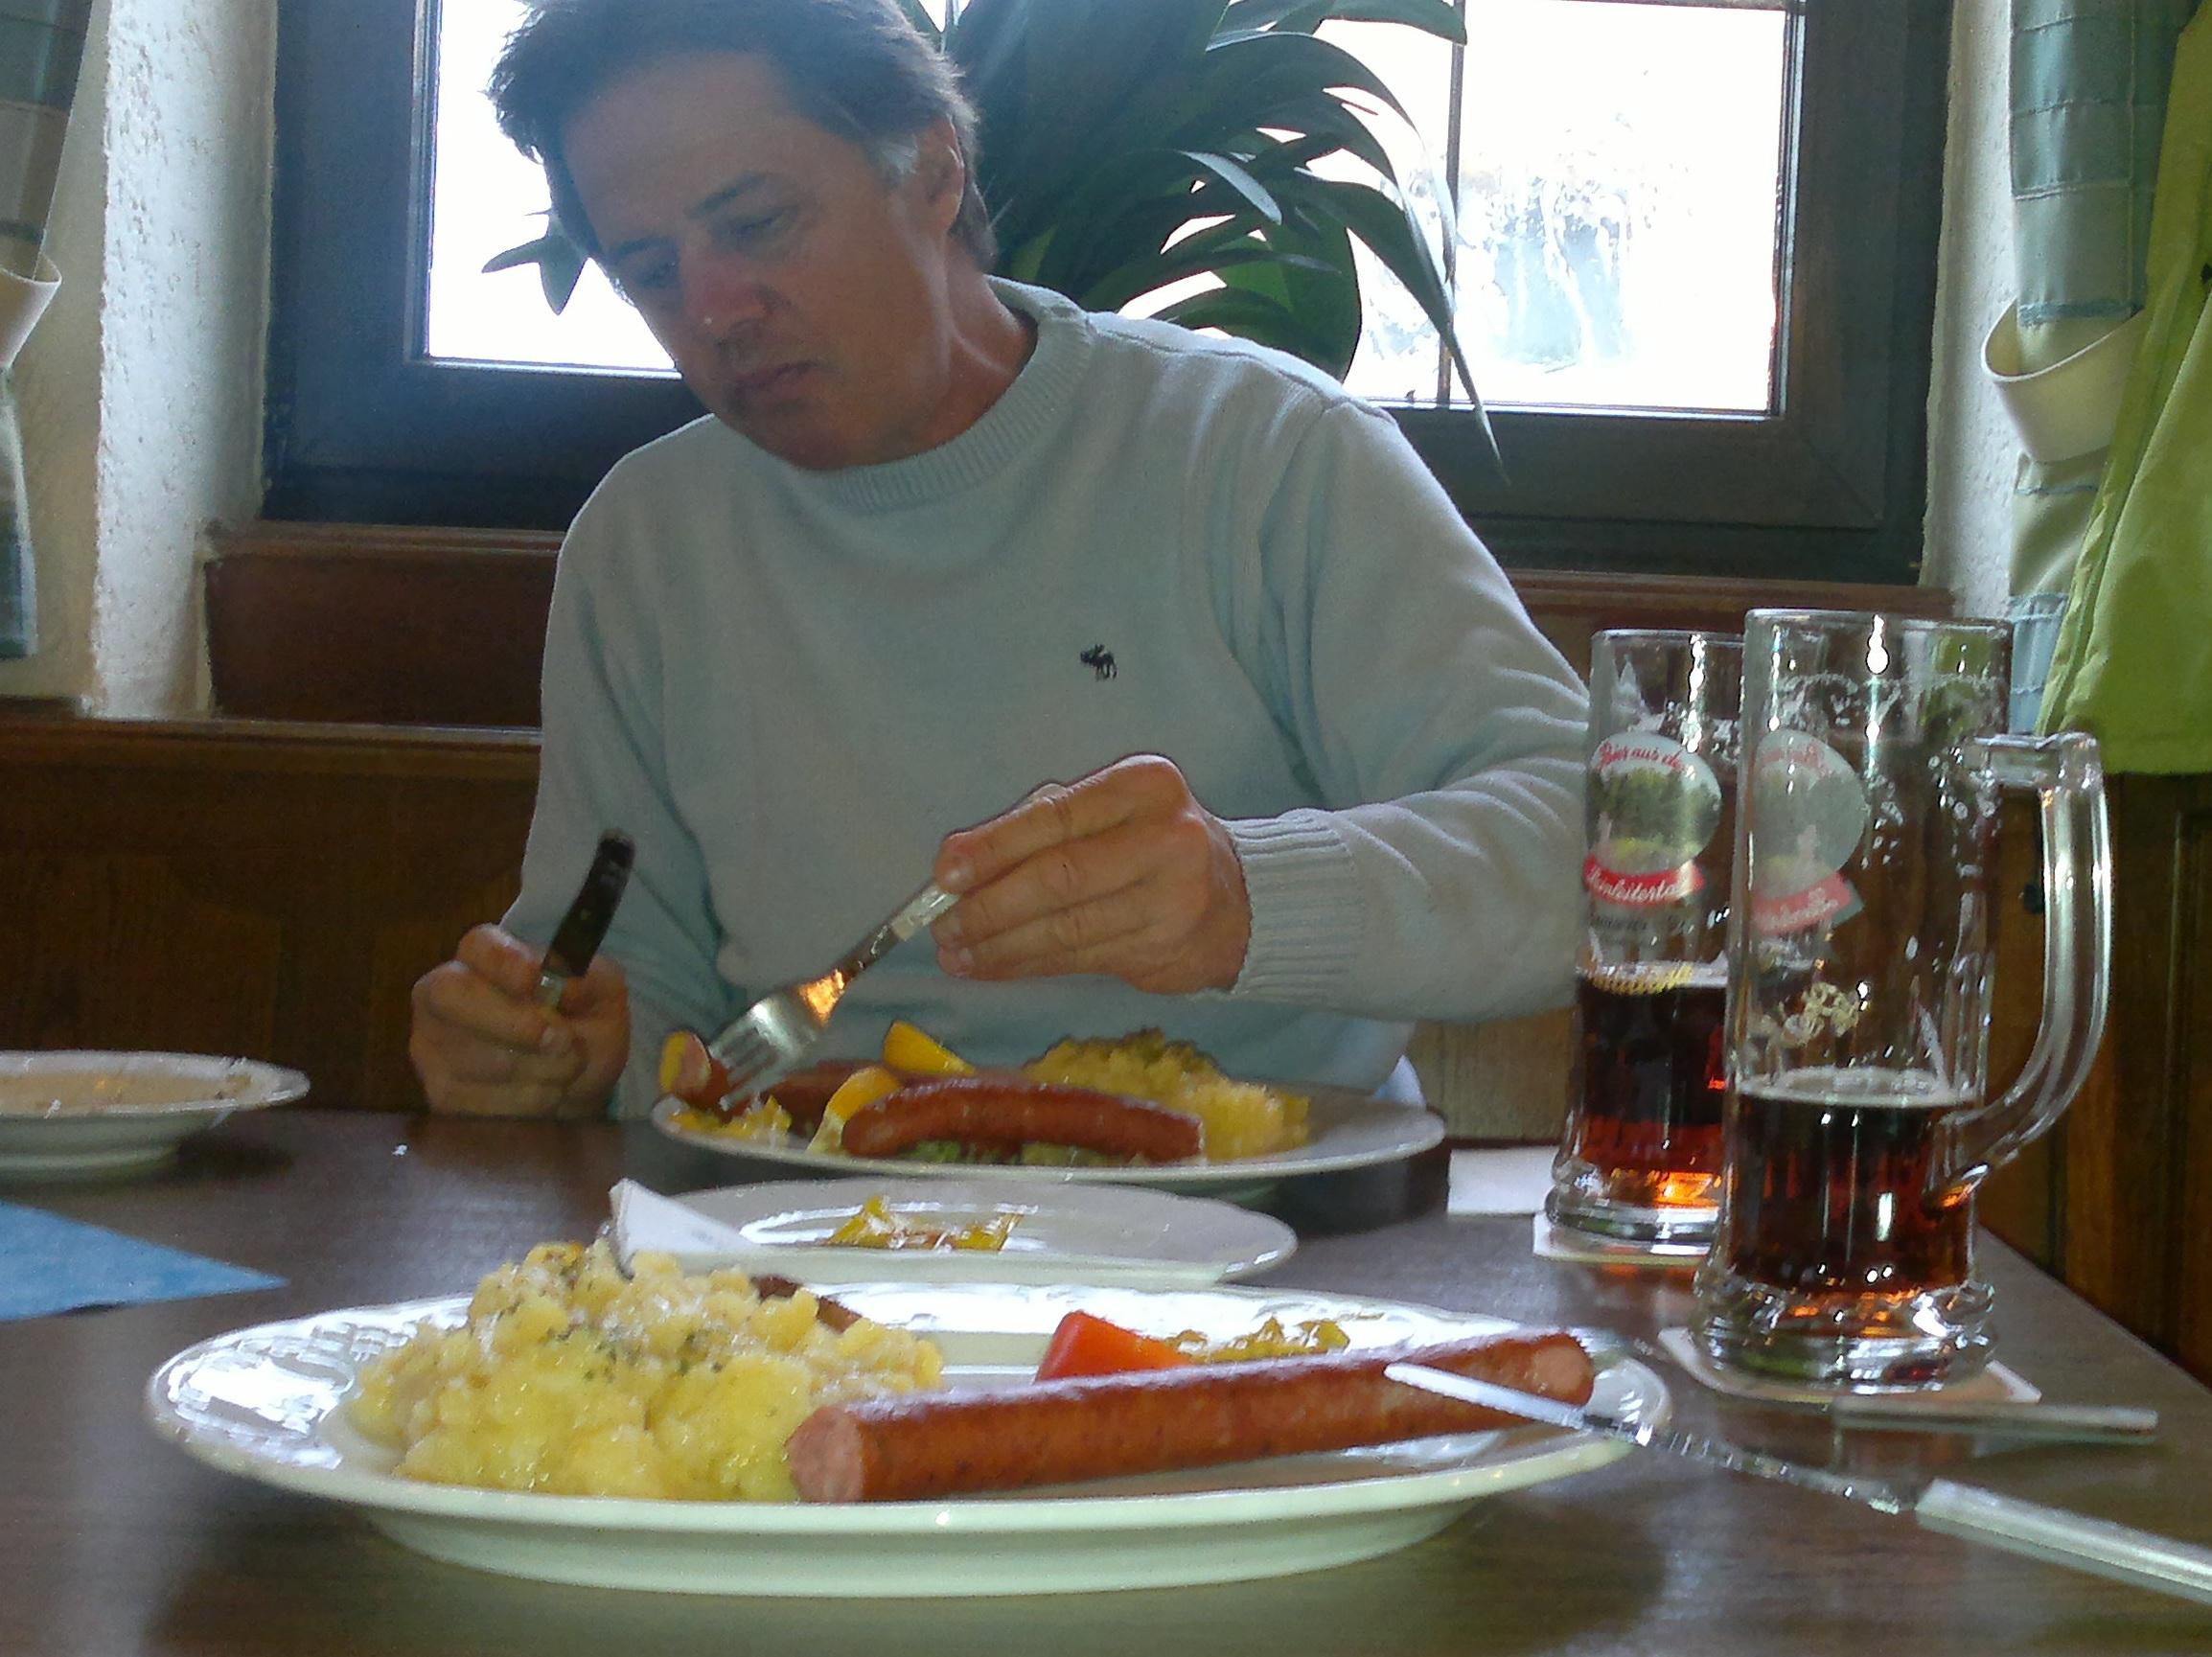 Comer y beber en compañía del mismísimo Phl Marty.